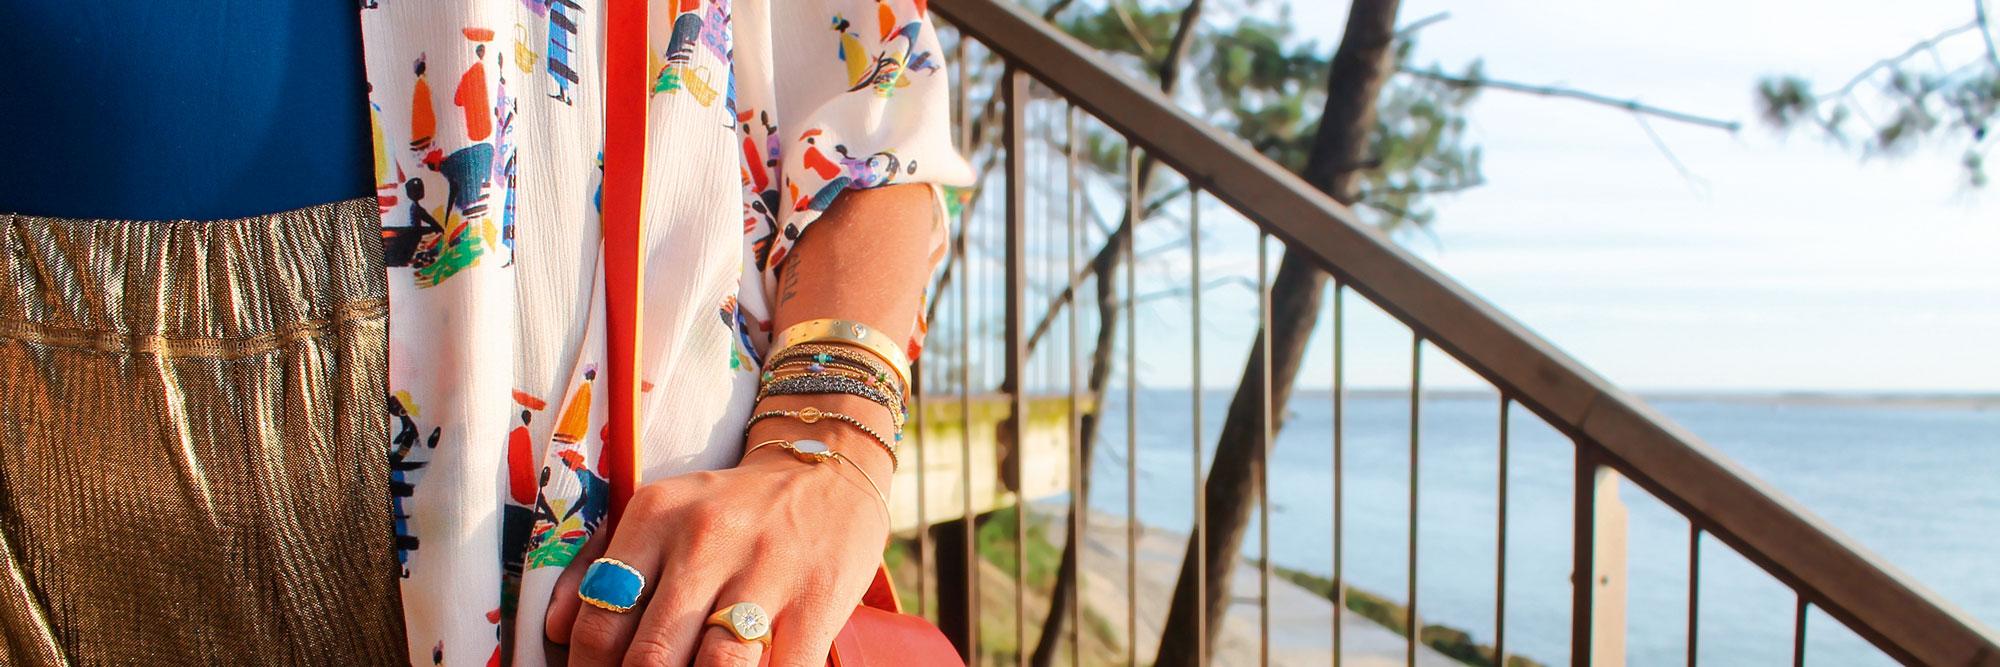 Nous Les Libellules stylée Bassin d'Arcachon Cap Ferret Bordeaux boutique mode tendances femme vêtements concept store sac Herbert short Rabens veste Maison Olga 5 Octobre